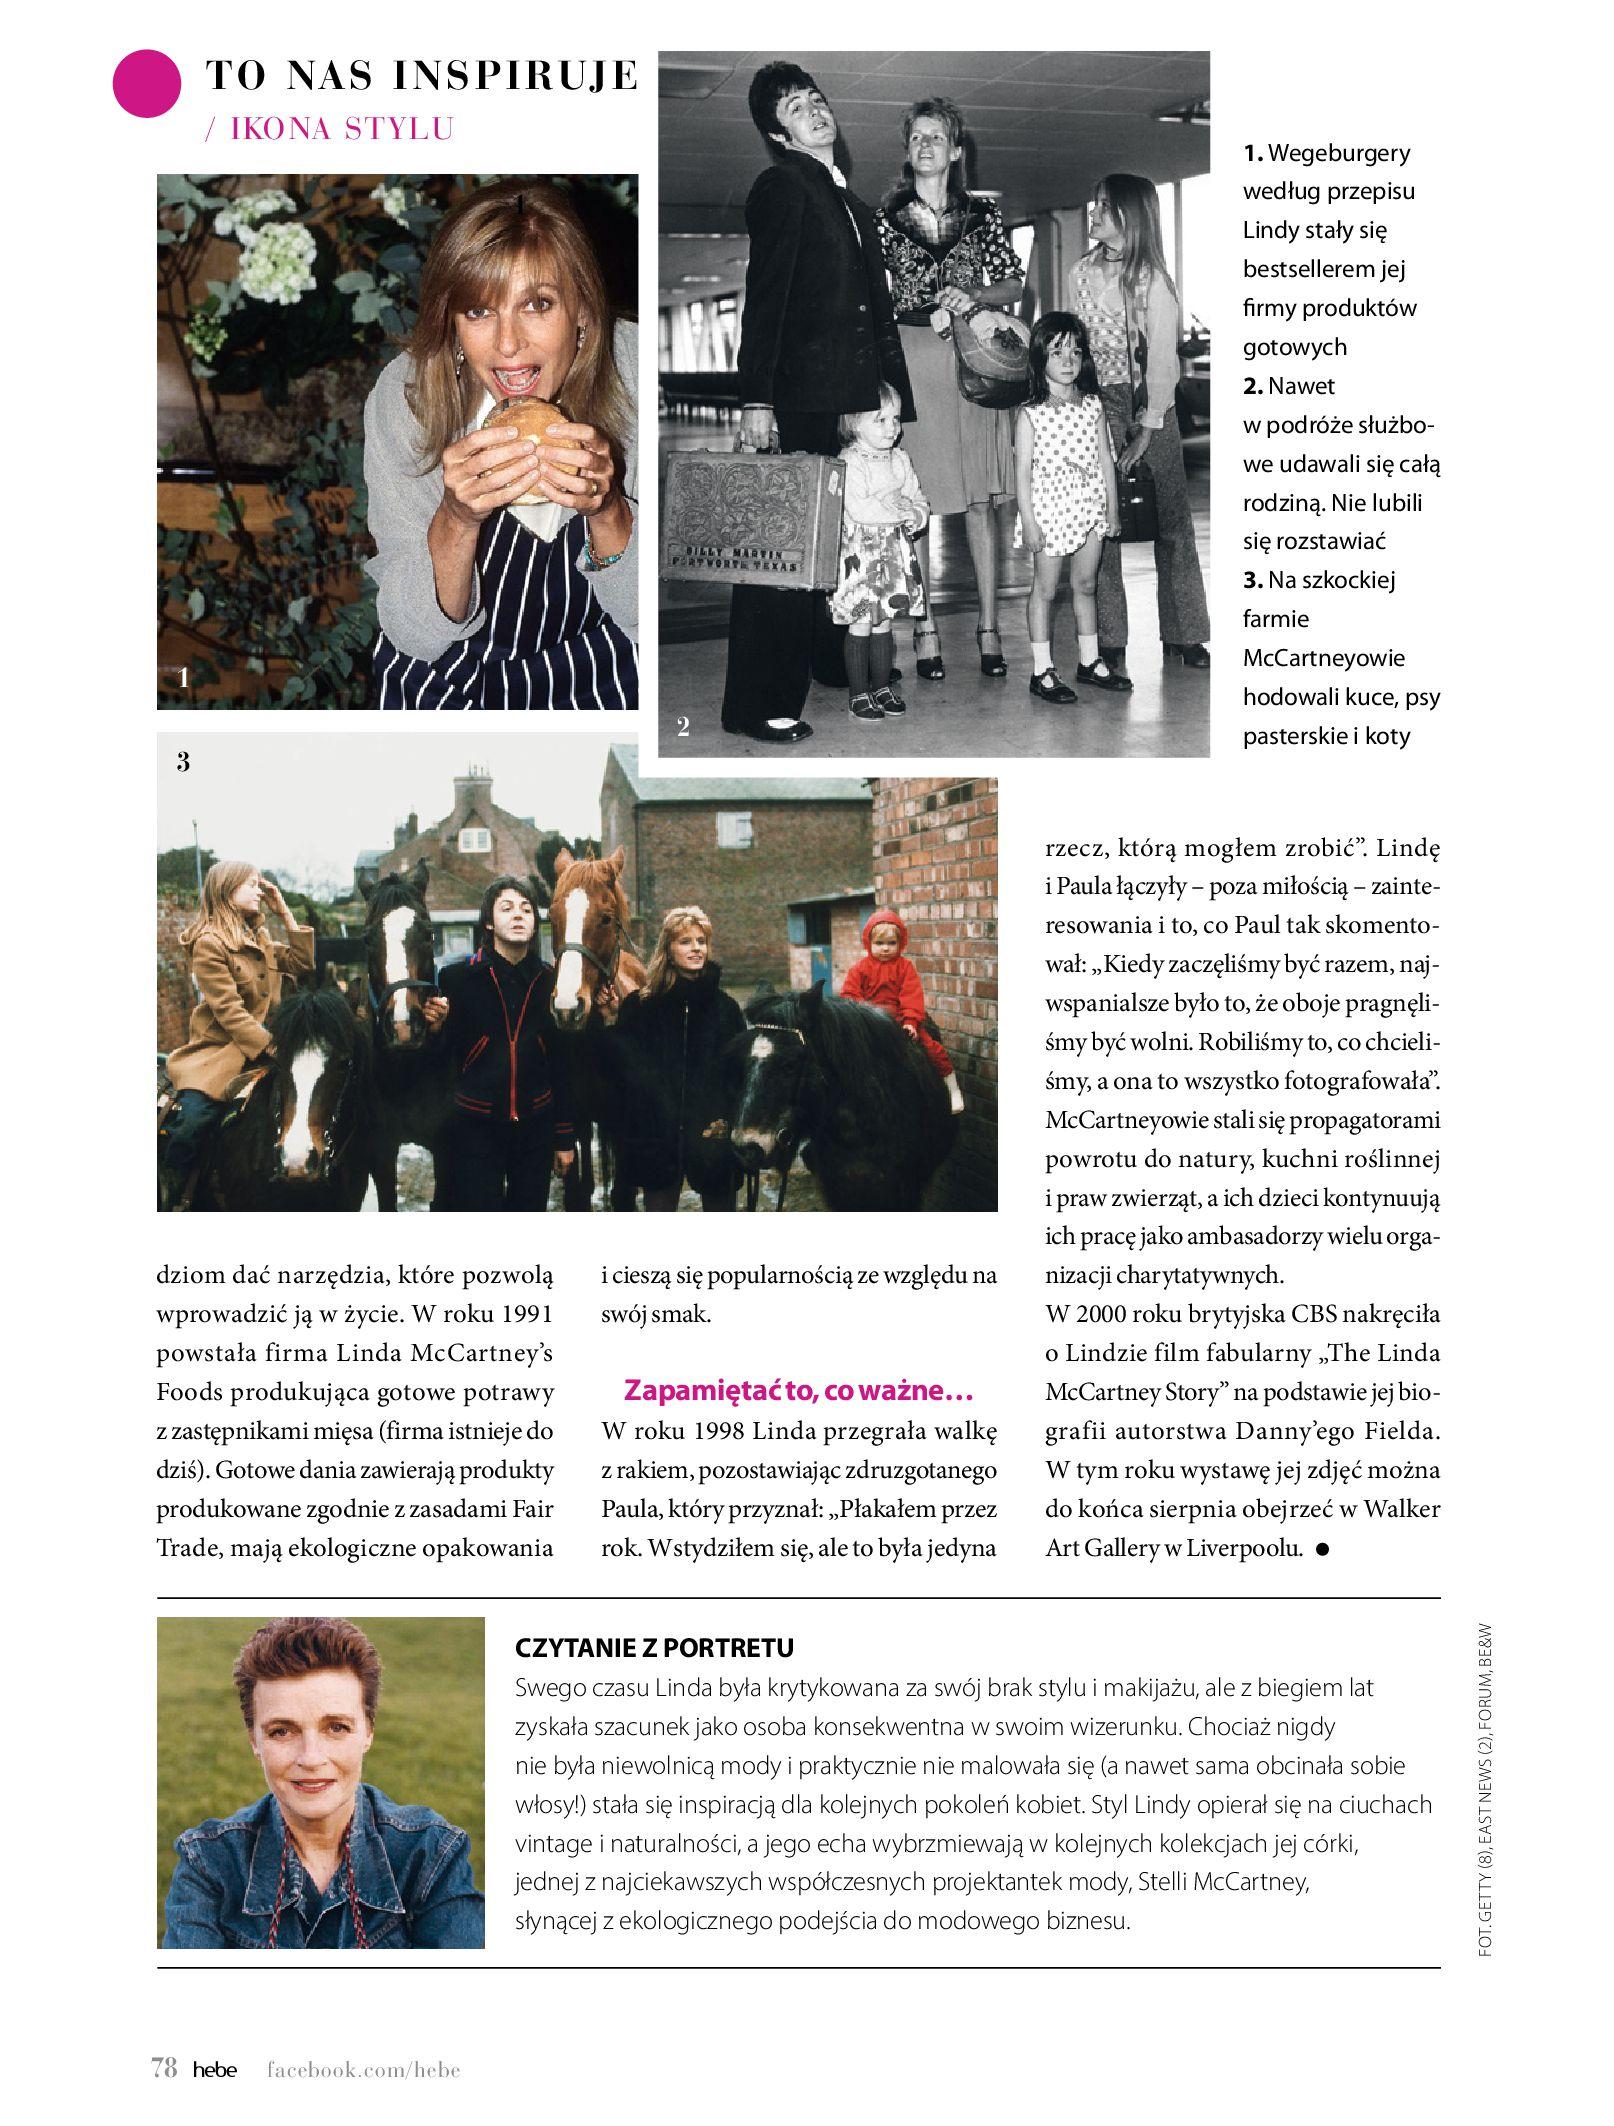 Gazetka hebe - Magazyn Hebe-30.06.2020-31.08.2020-page-78